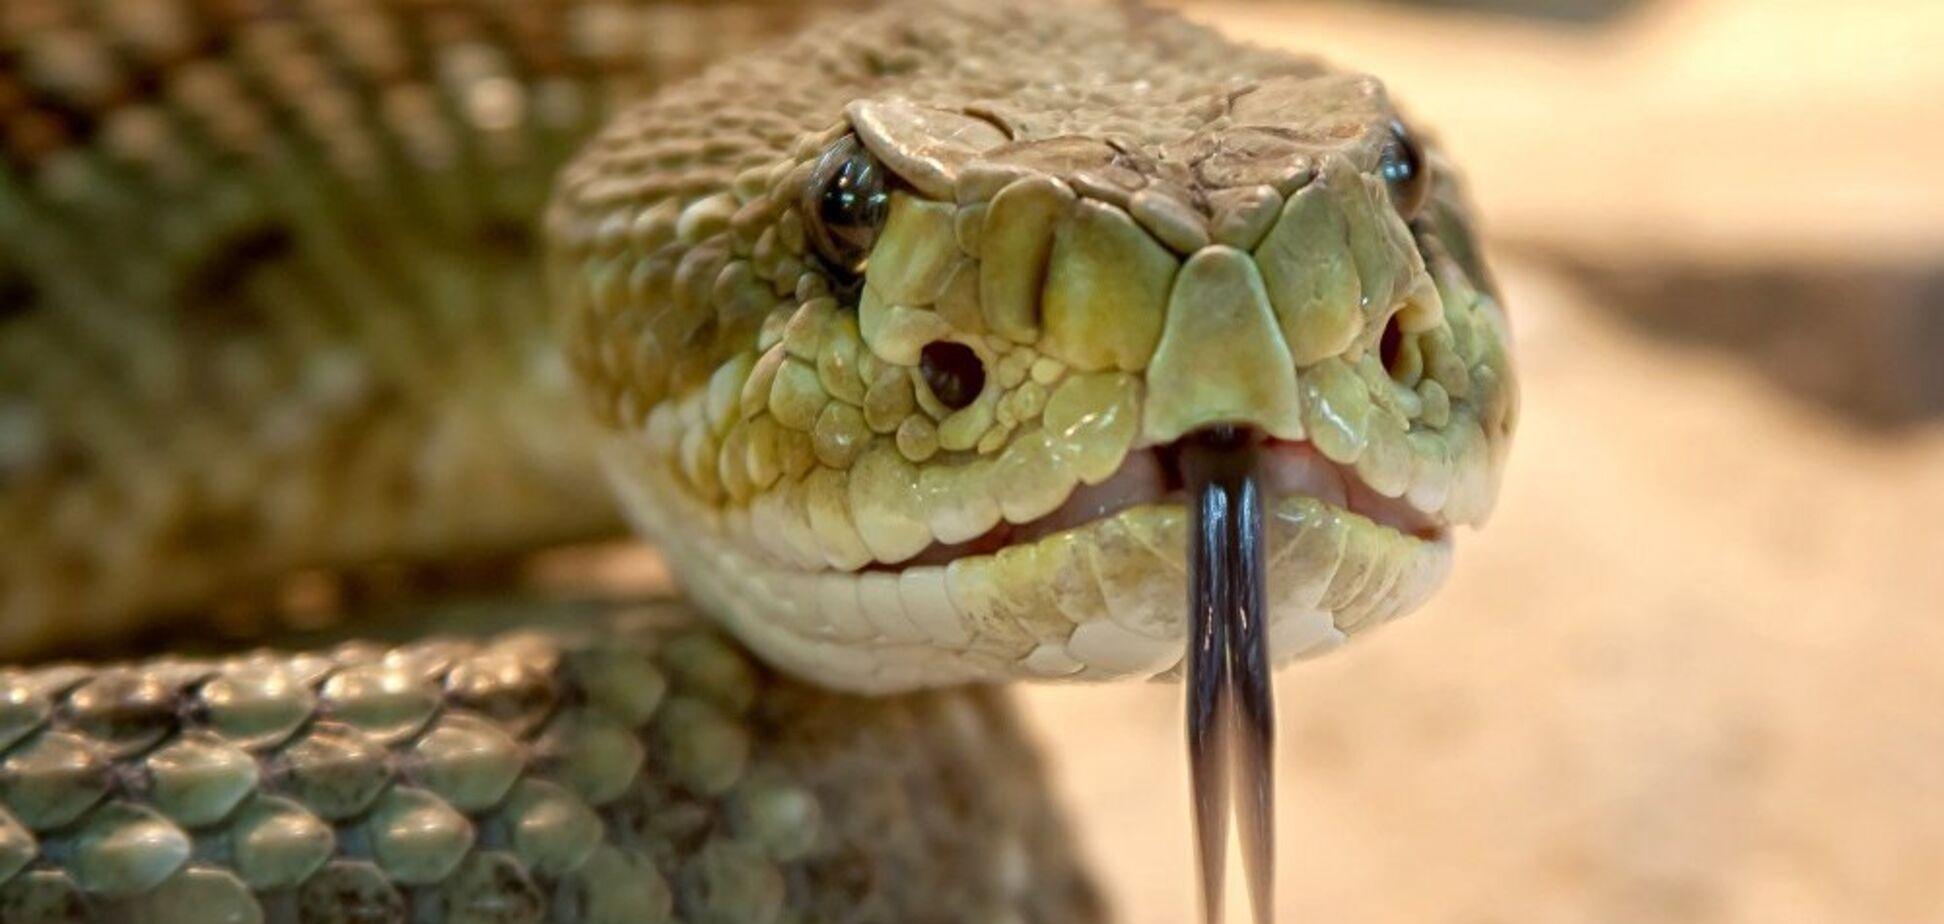 Напугала до смерти: под Днепром змея заползла в туалет частного дома. Фото